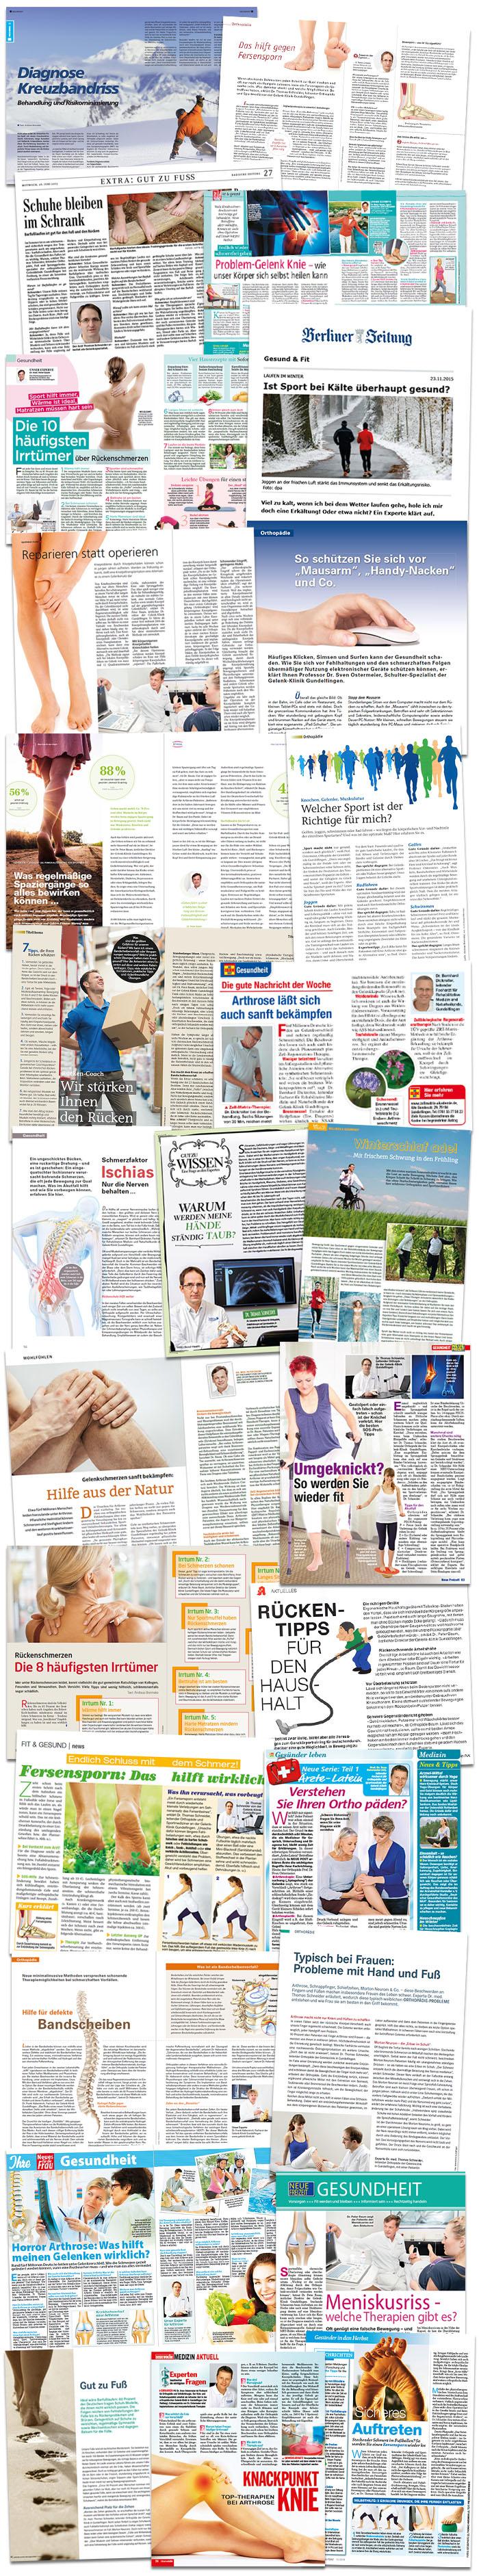 Collage aus mehreren Dutzend Zeitschriftenartikeln zum Thema Rücken, Muskeln, Gelenke & Co., in denen ein Arzt der Gelenk-Klinik Gundelfingen zu Wort kommt